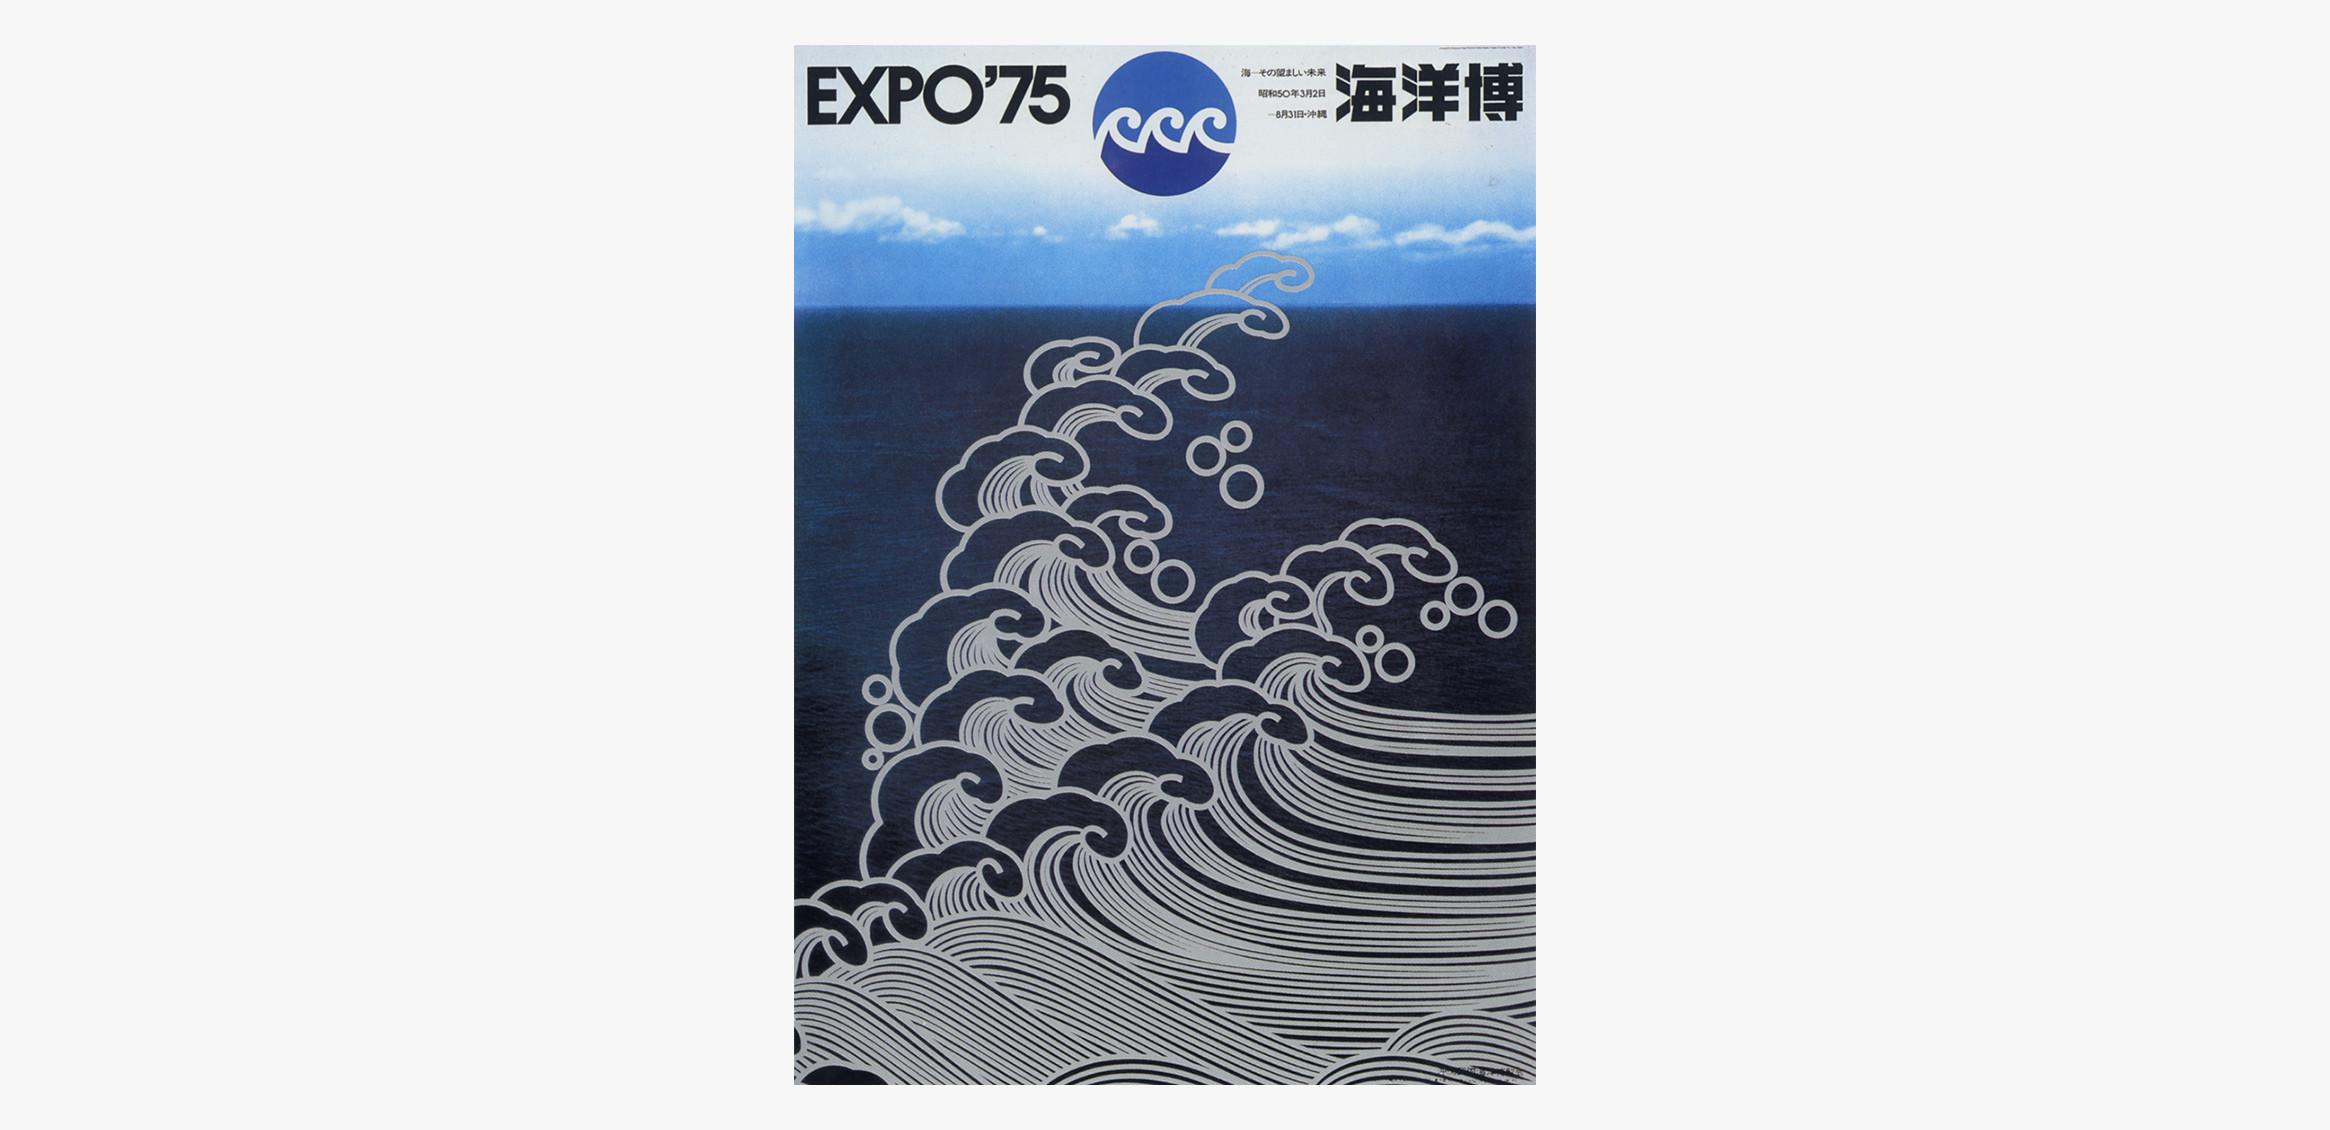 冲绳海洋博览会海报0枚目